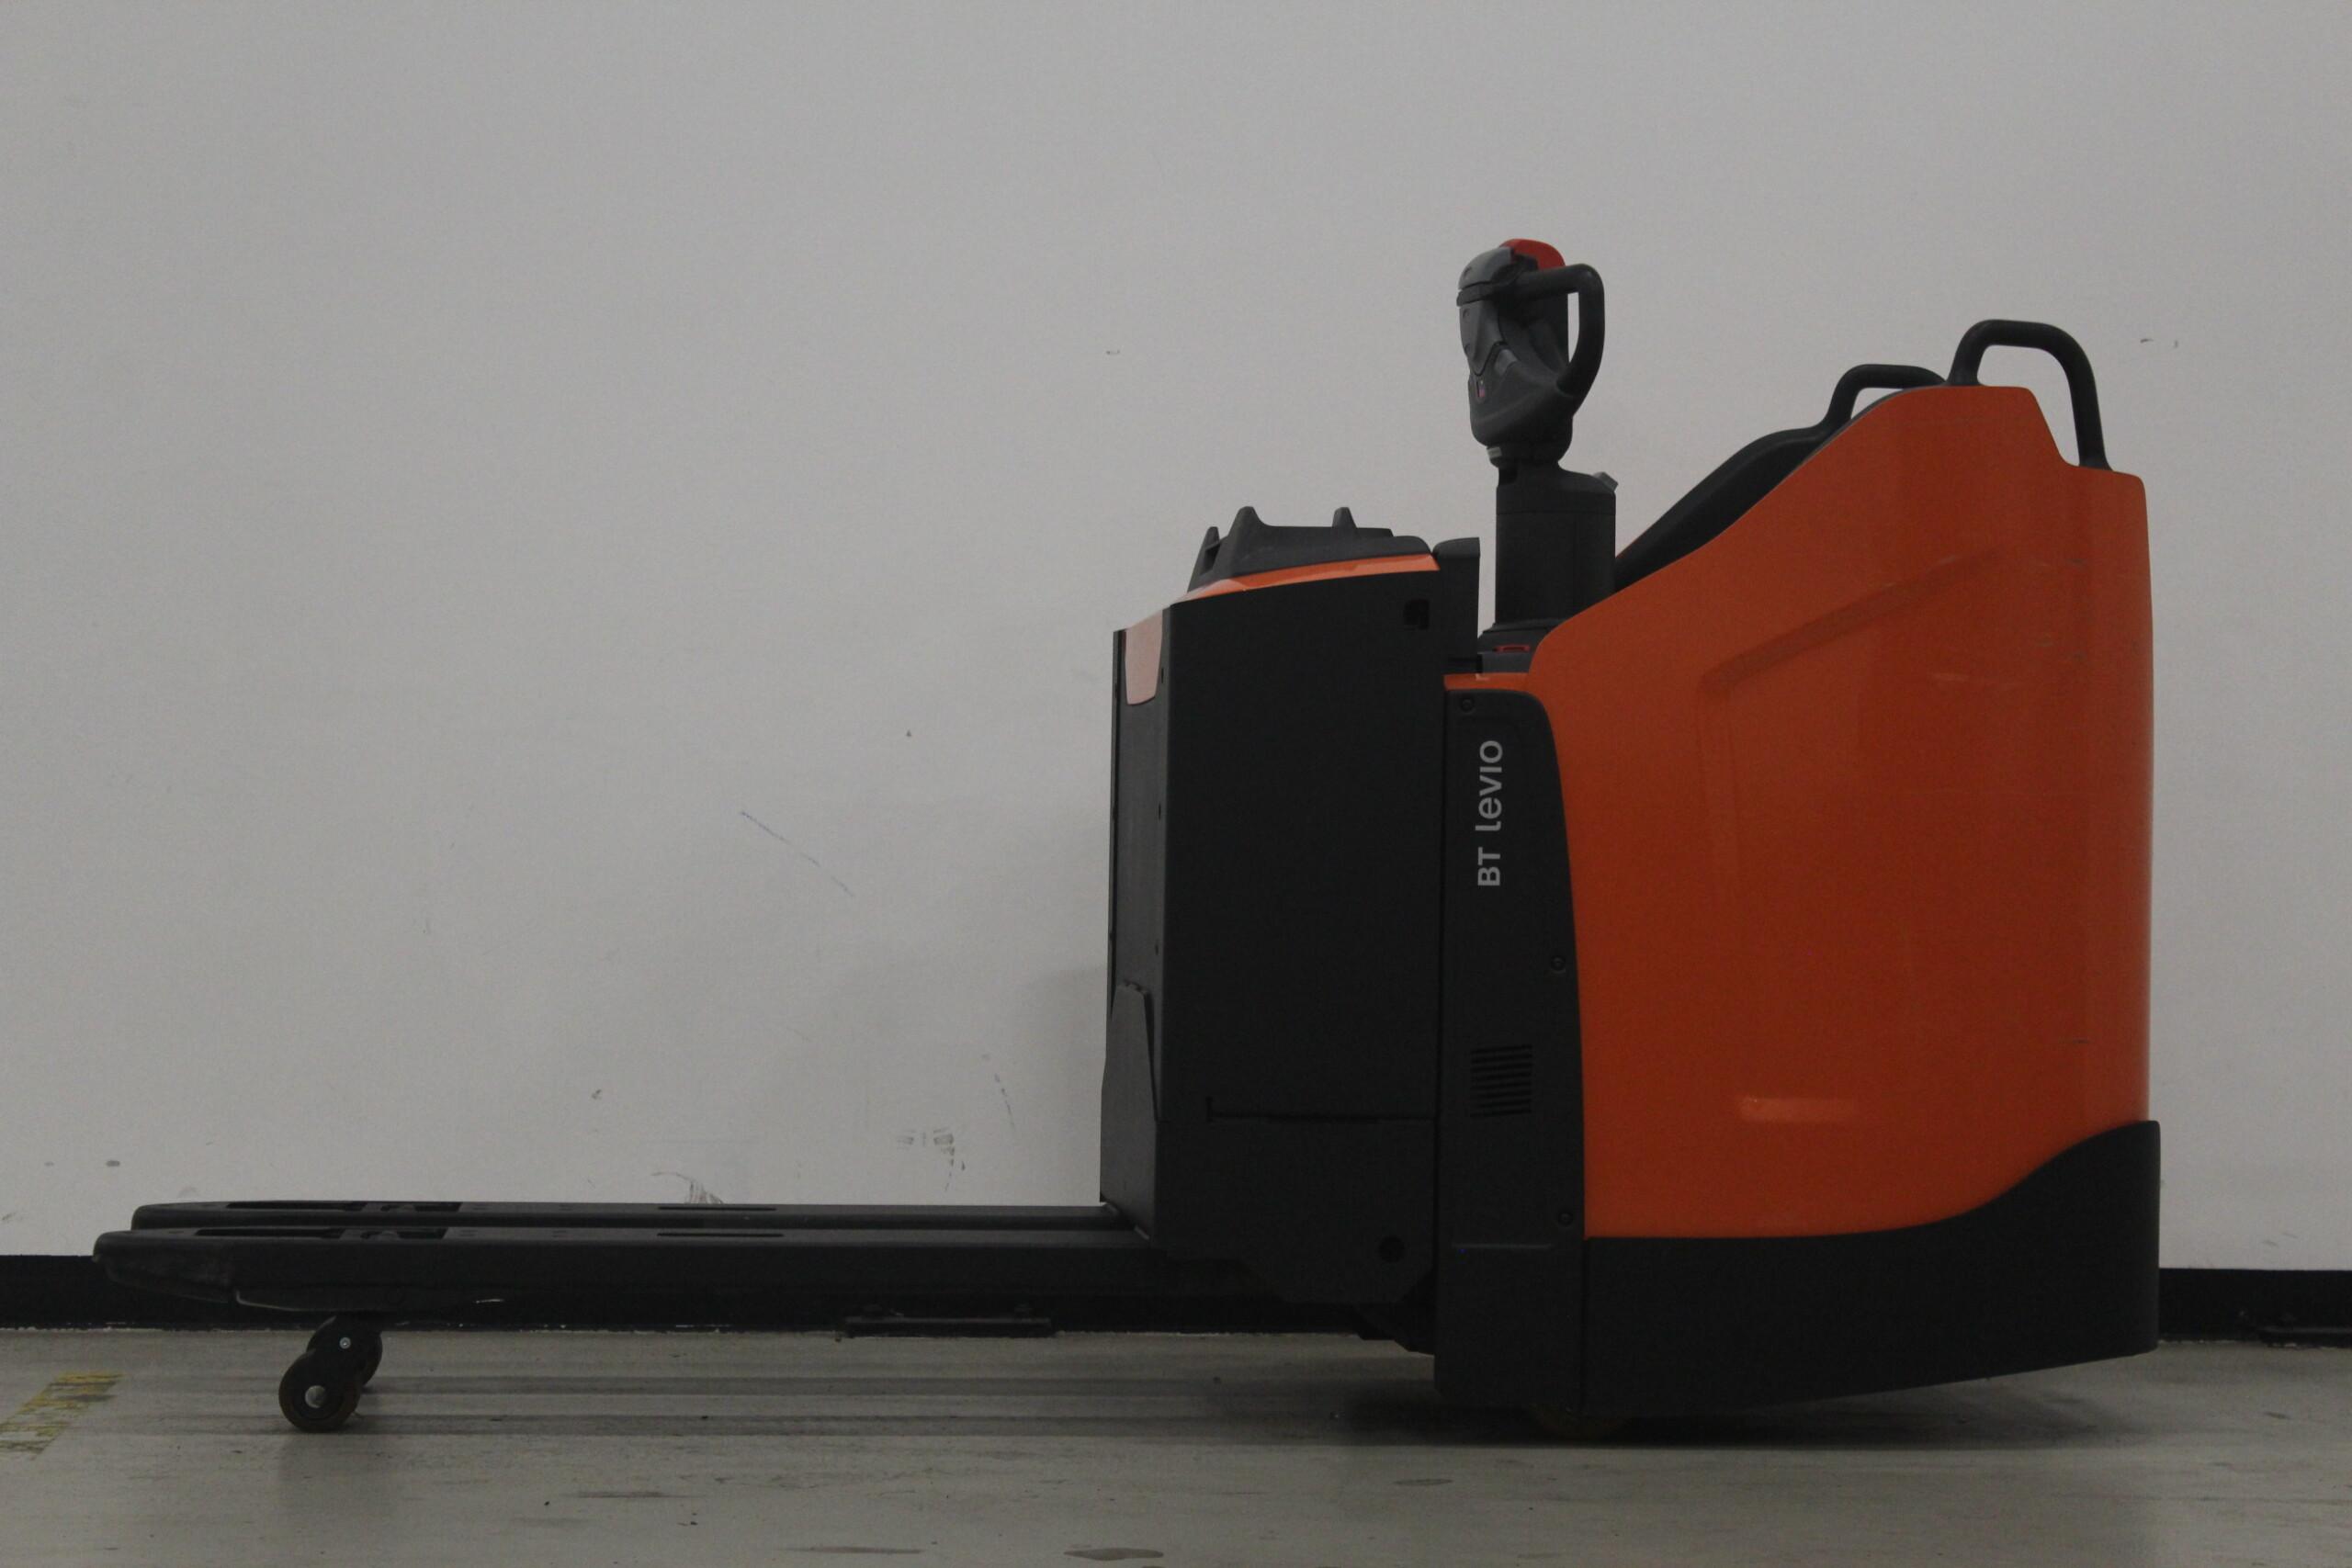 Toyota-Gabelstapler-59840 2001031281 1 6 scaled